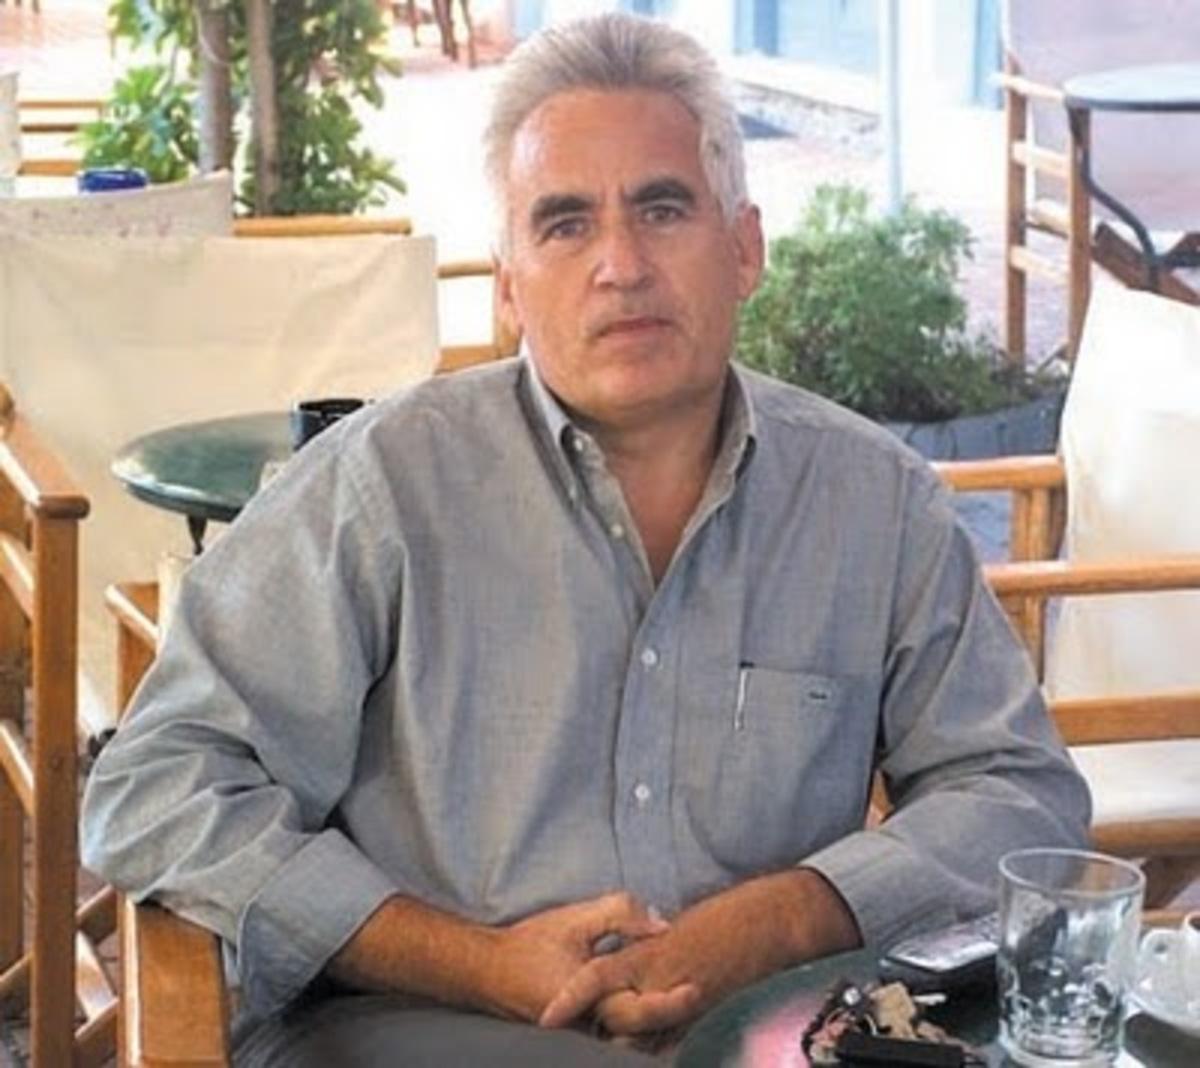 Ο συνταξιούχος πυροσβέστης και υποψήφιος βουλευτής που άναψε φωτιές στον ΣΥΡΙΖΑ μιλά στο Newsit: «Θα γελάσει και το παρδαλό κατσίκι αν κυβερνήσουμε» | Newsit.gr